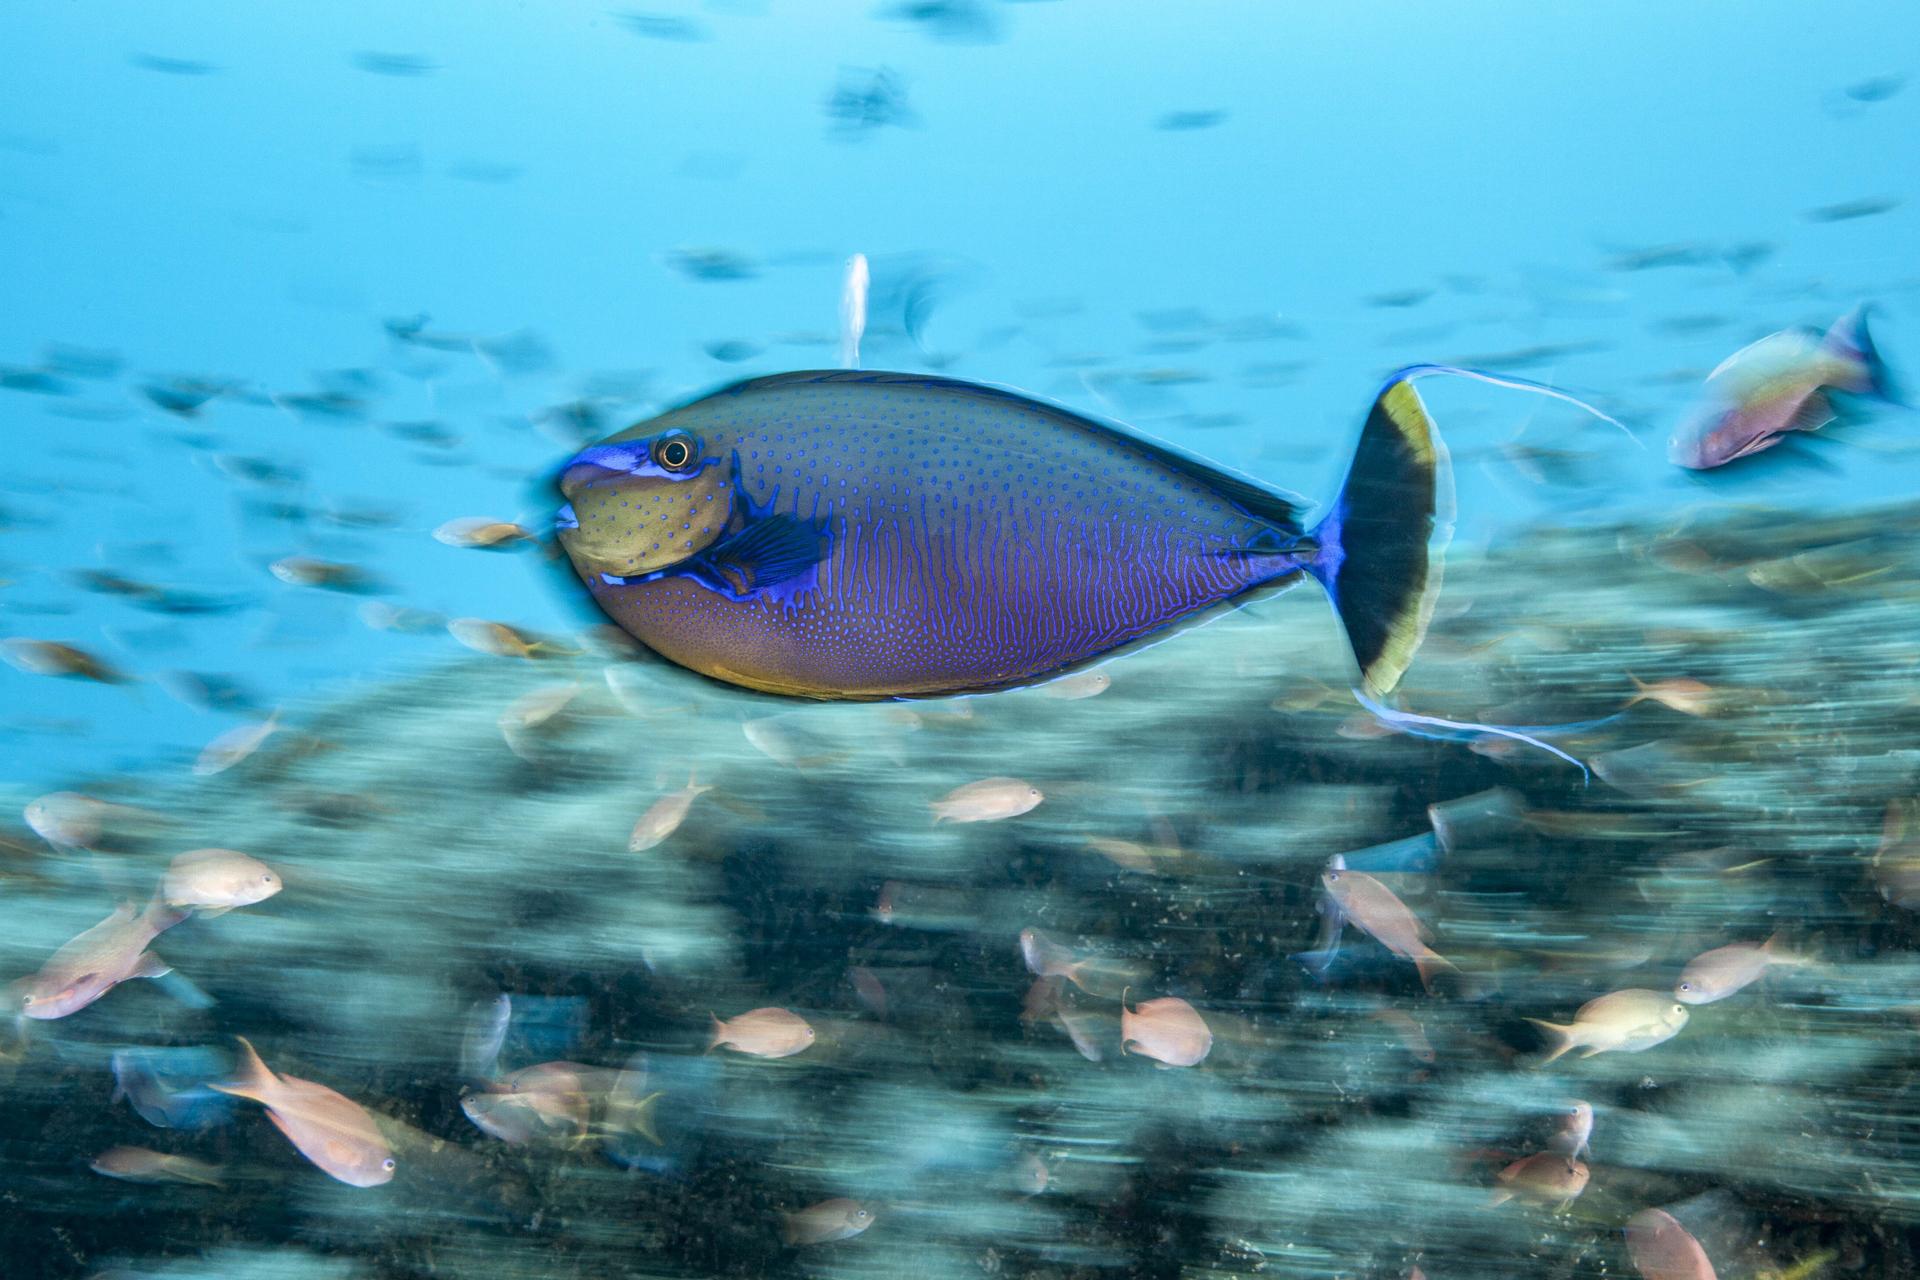 unicorn fish, bali Credit: David p. robinson, phd / coral reef image bank